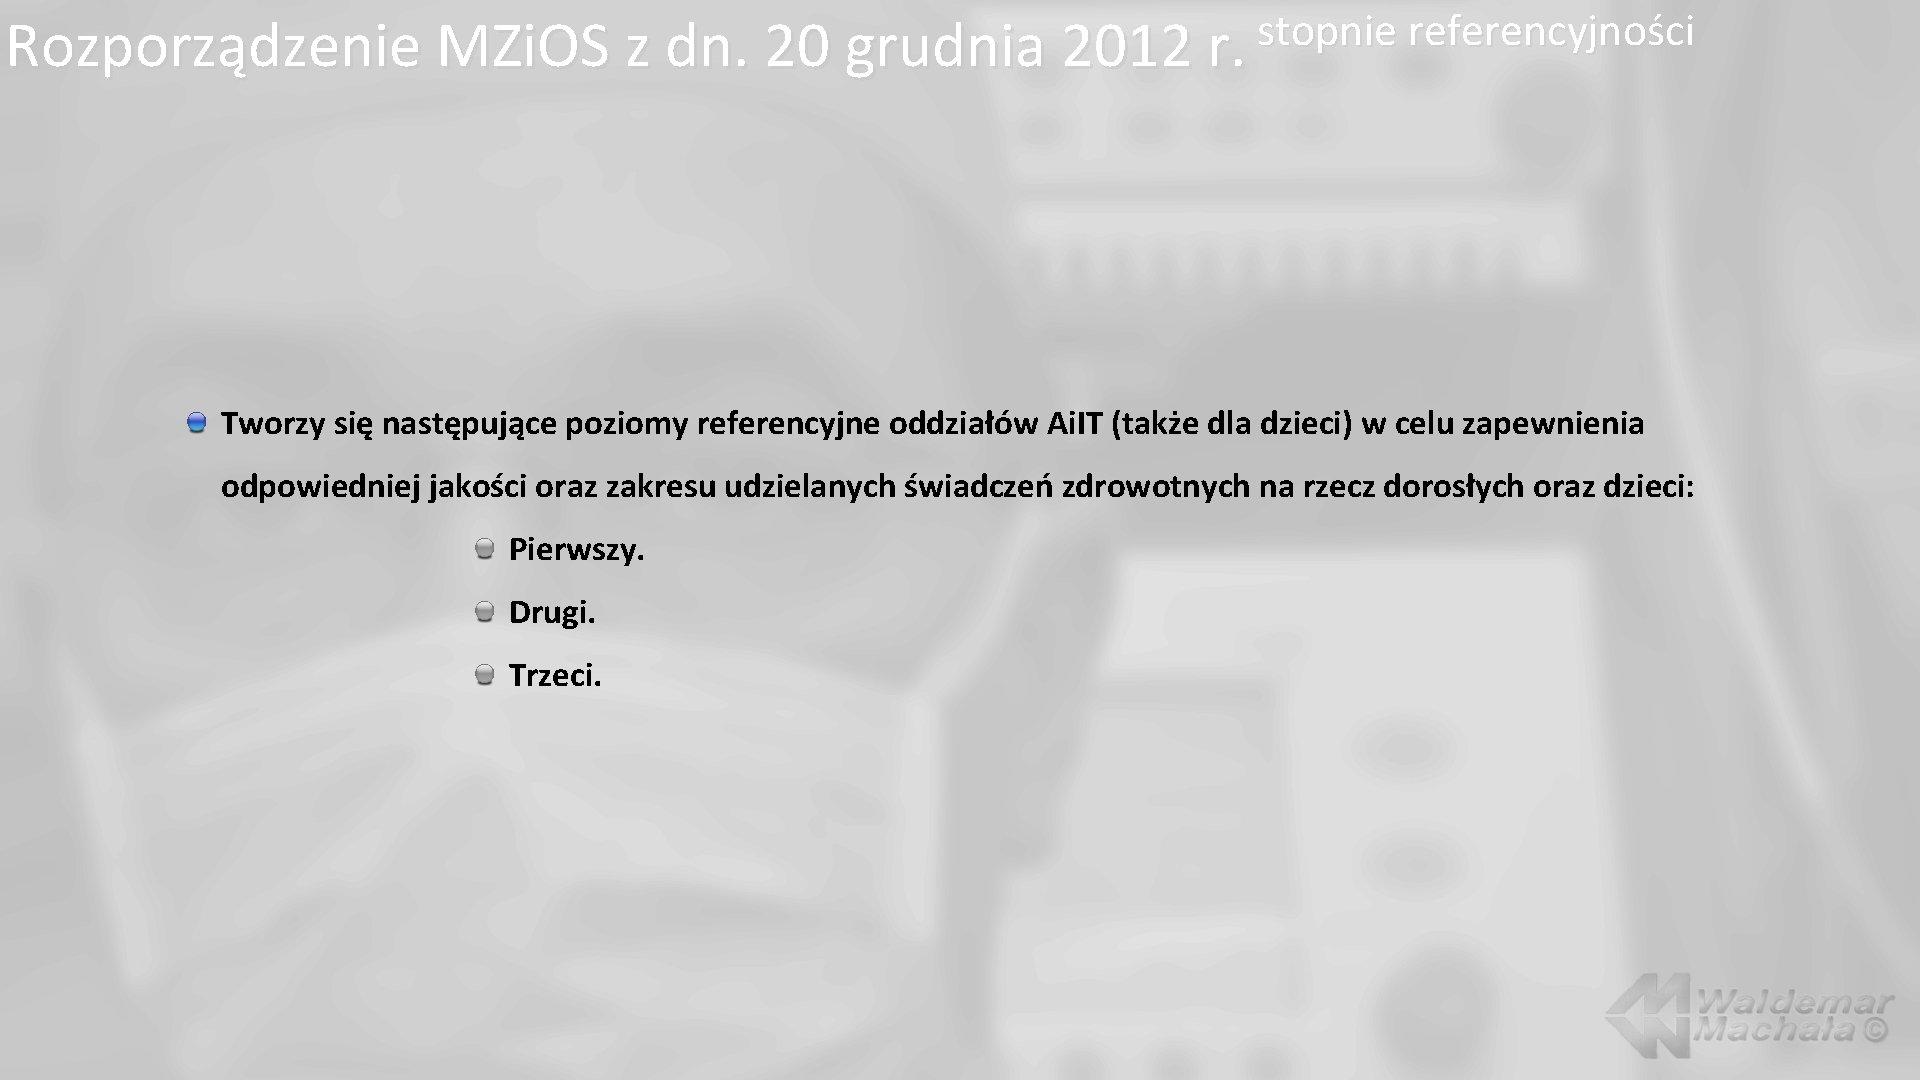 stopnie referencyjności Rozporządzenie MZi. OS z dn. 20 grudnia 2012 r. Tworzy się następujące